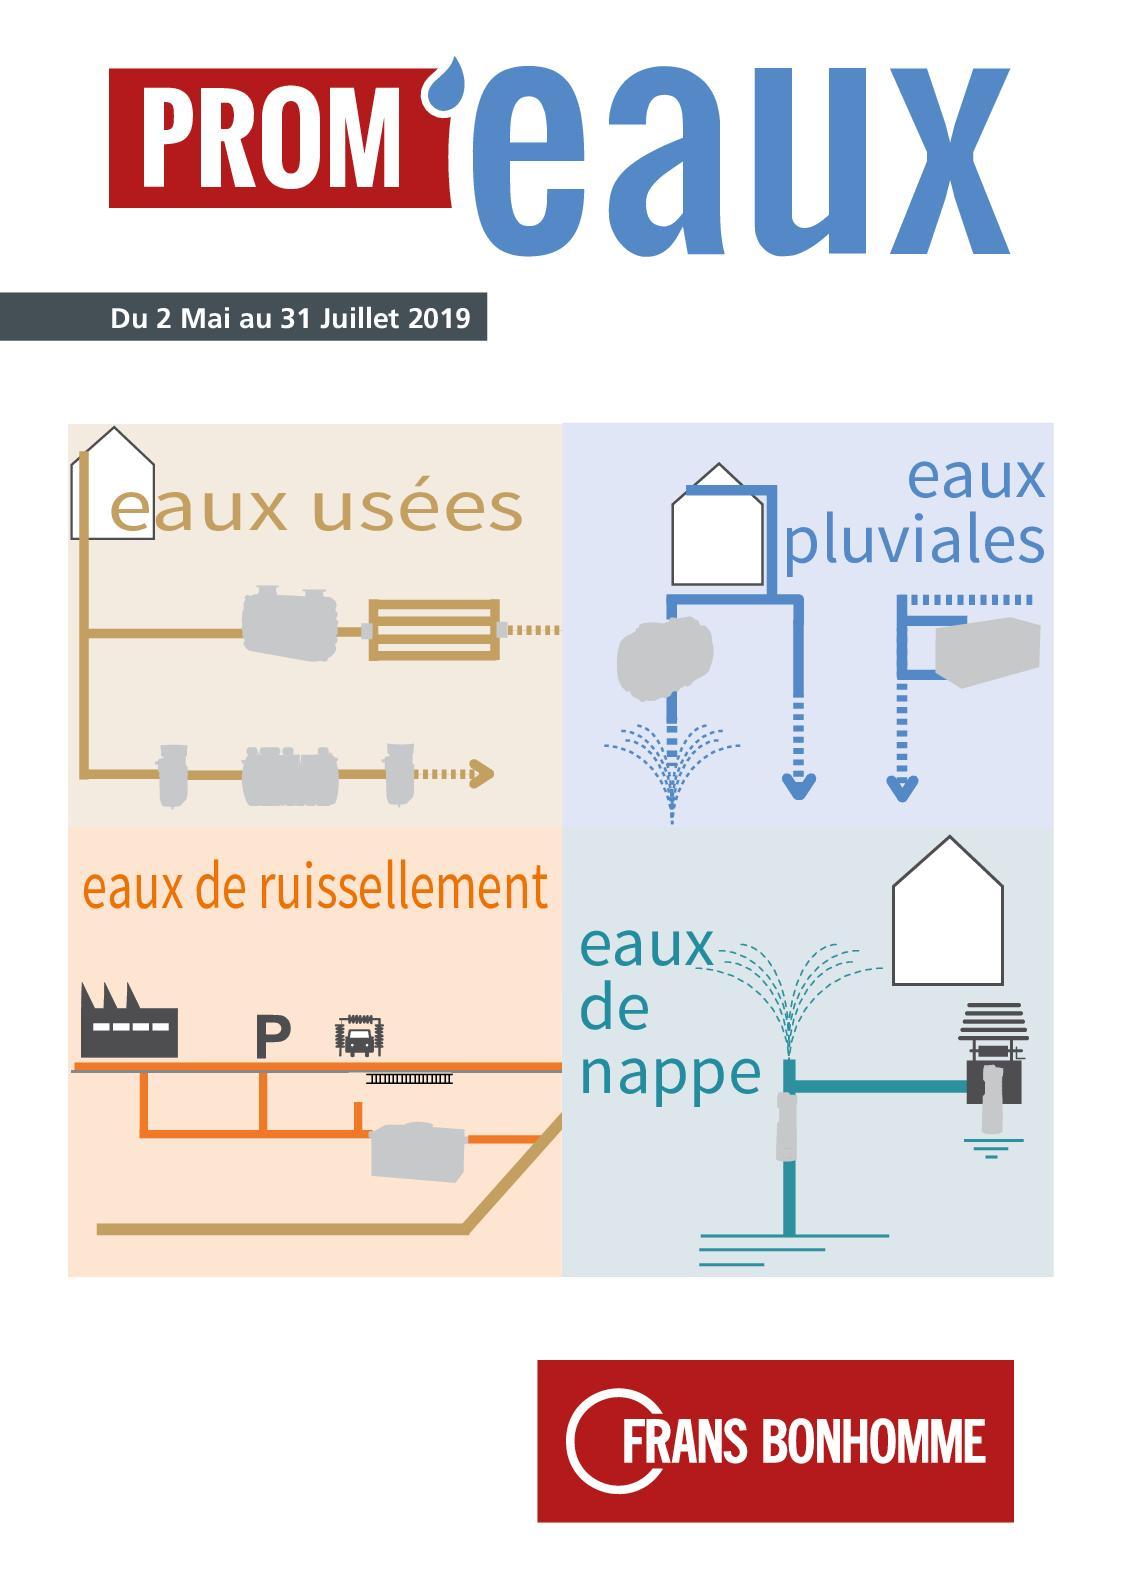 Schema De Pose De Fosse Septique calaméo - opération prom'eaux 2019